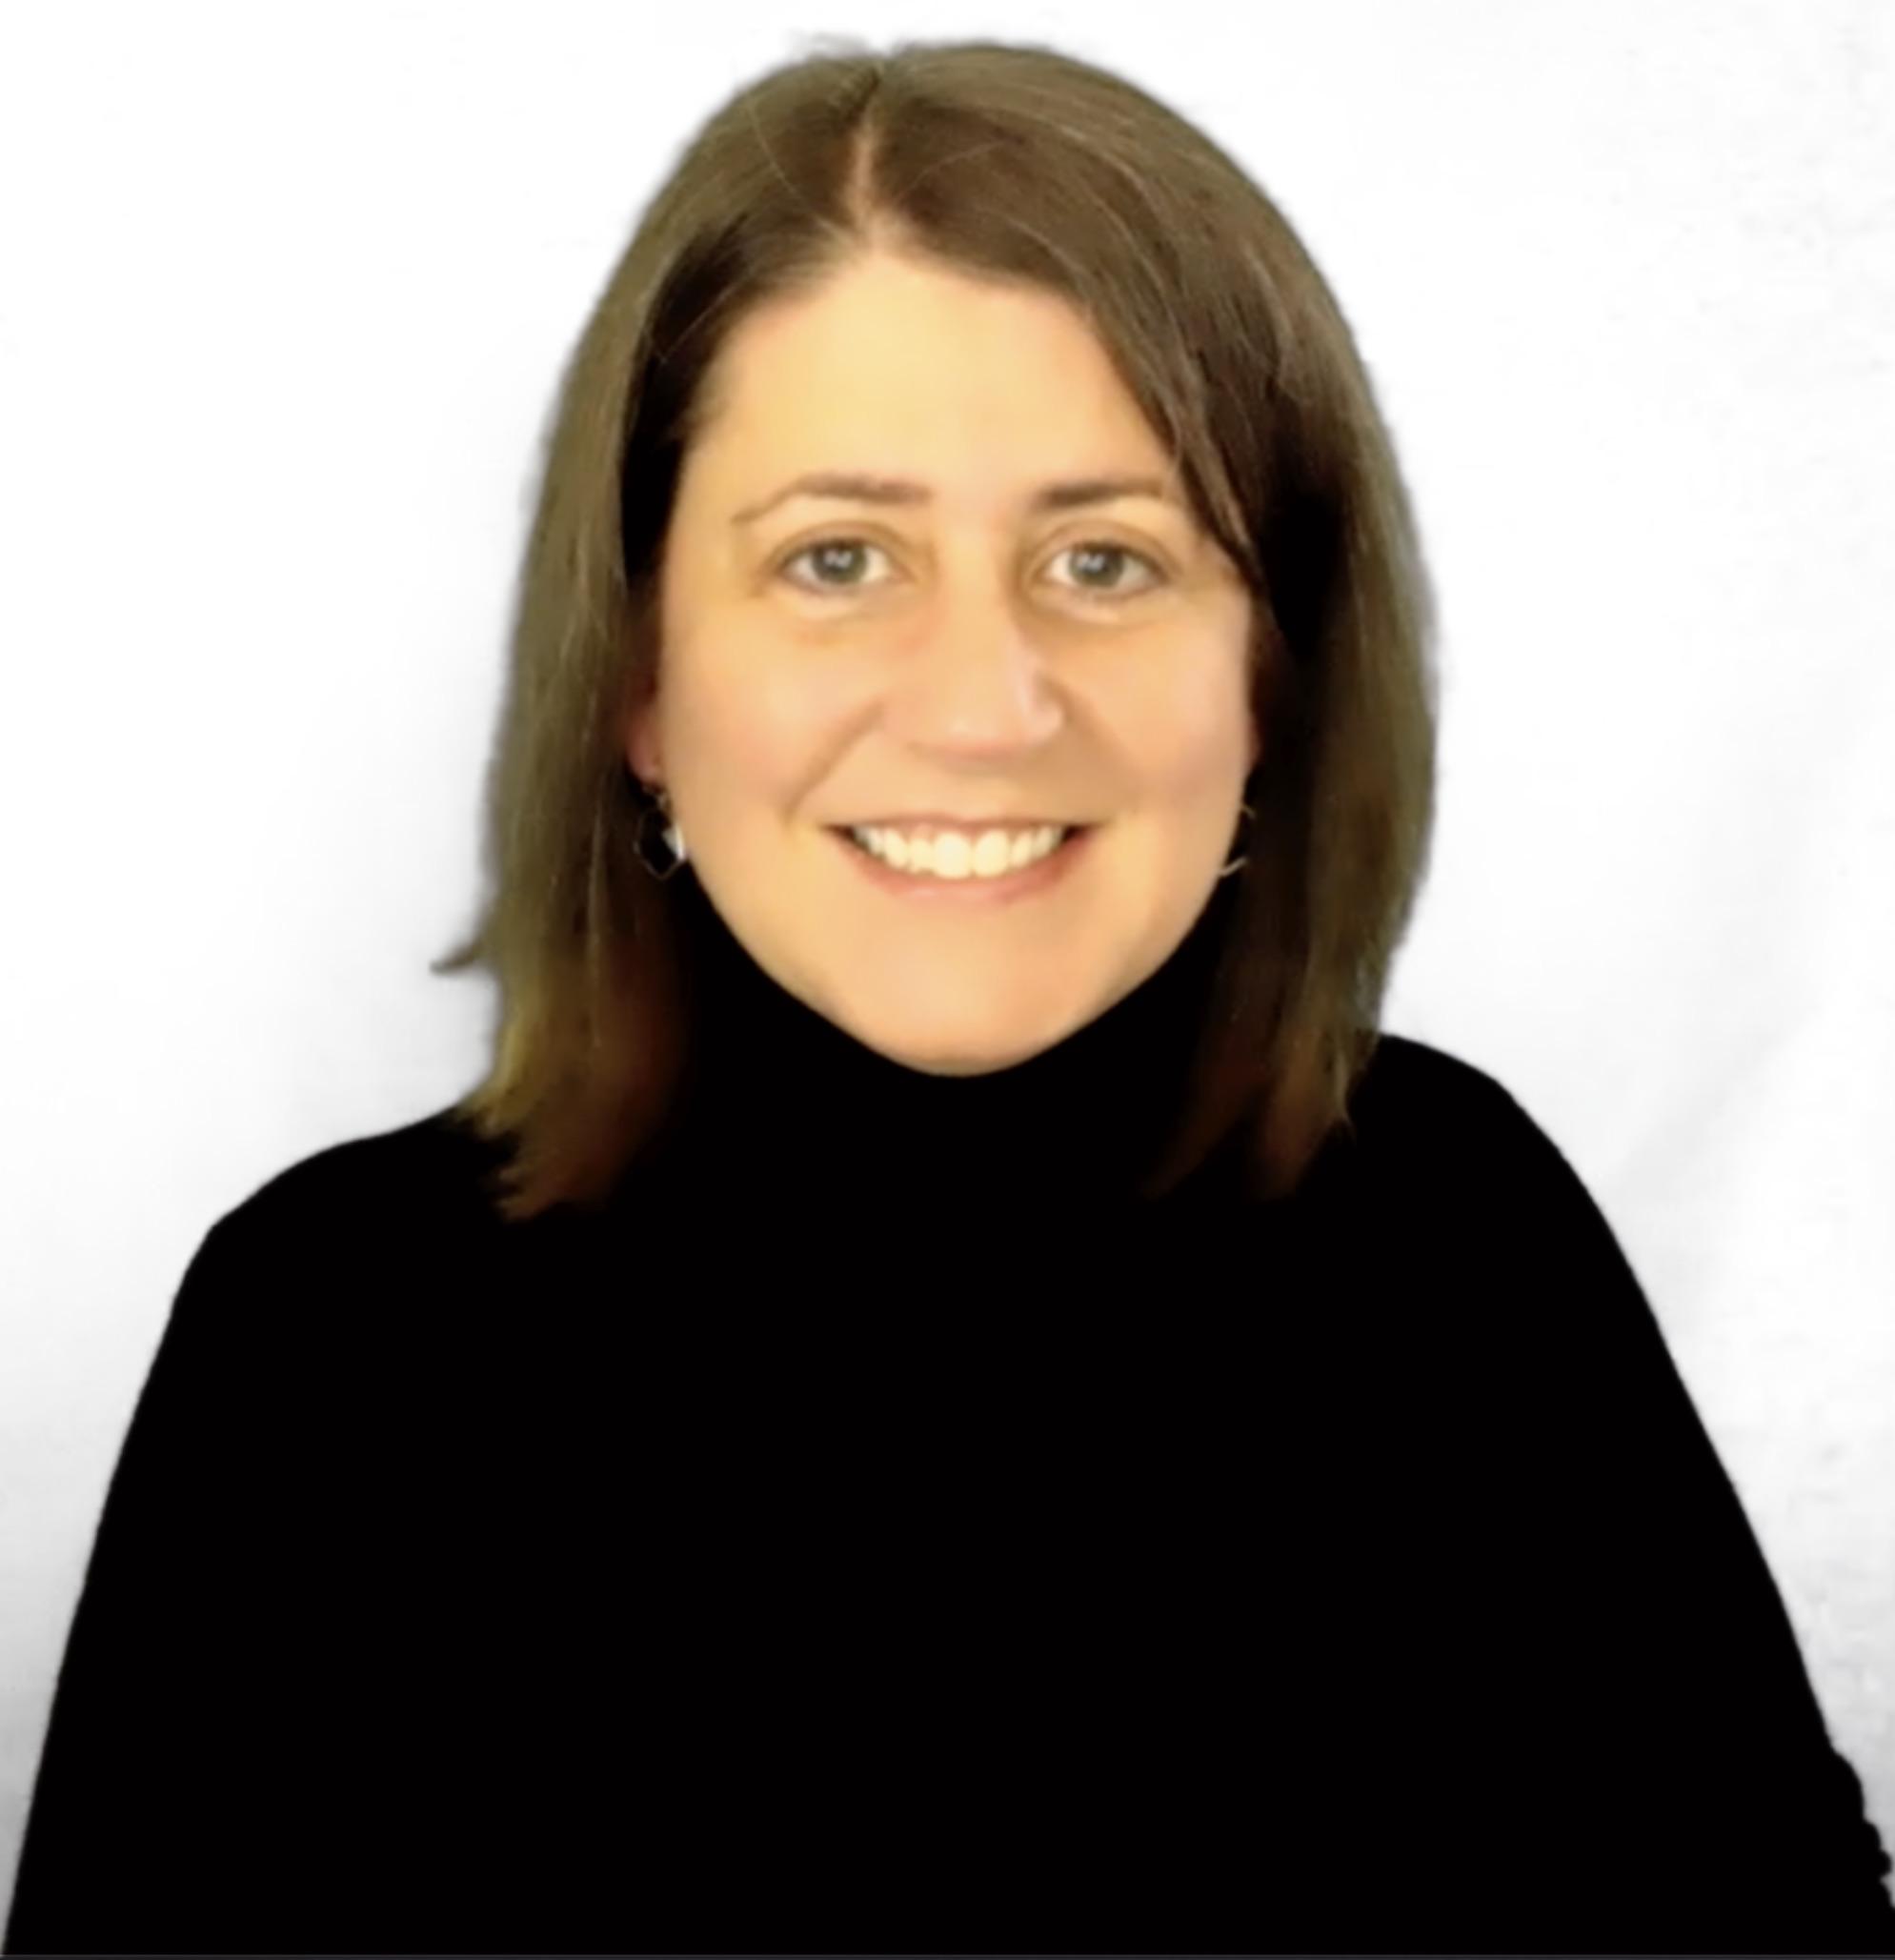 Gina Roes